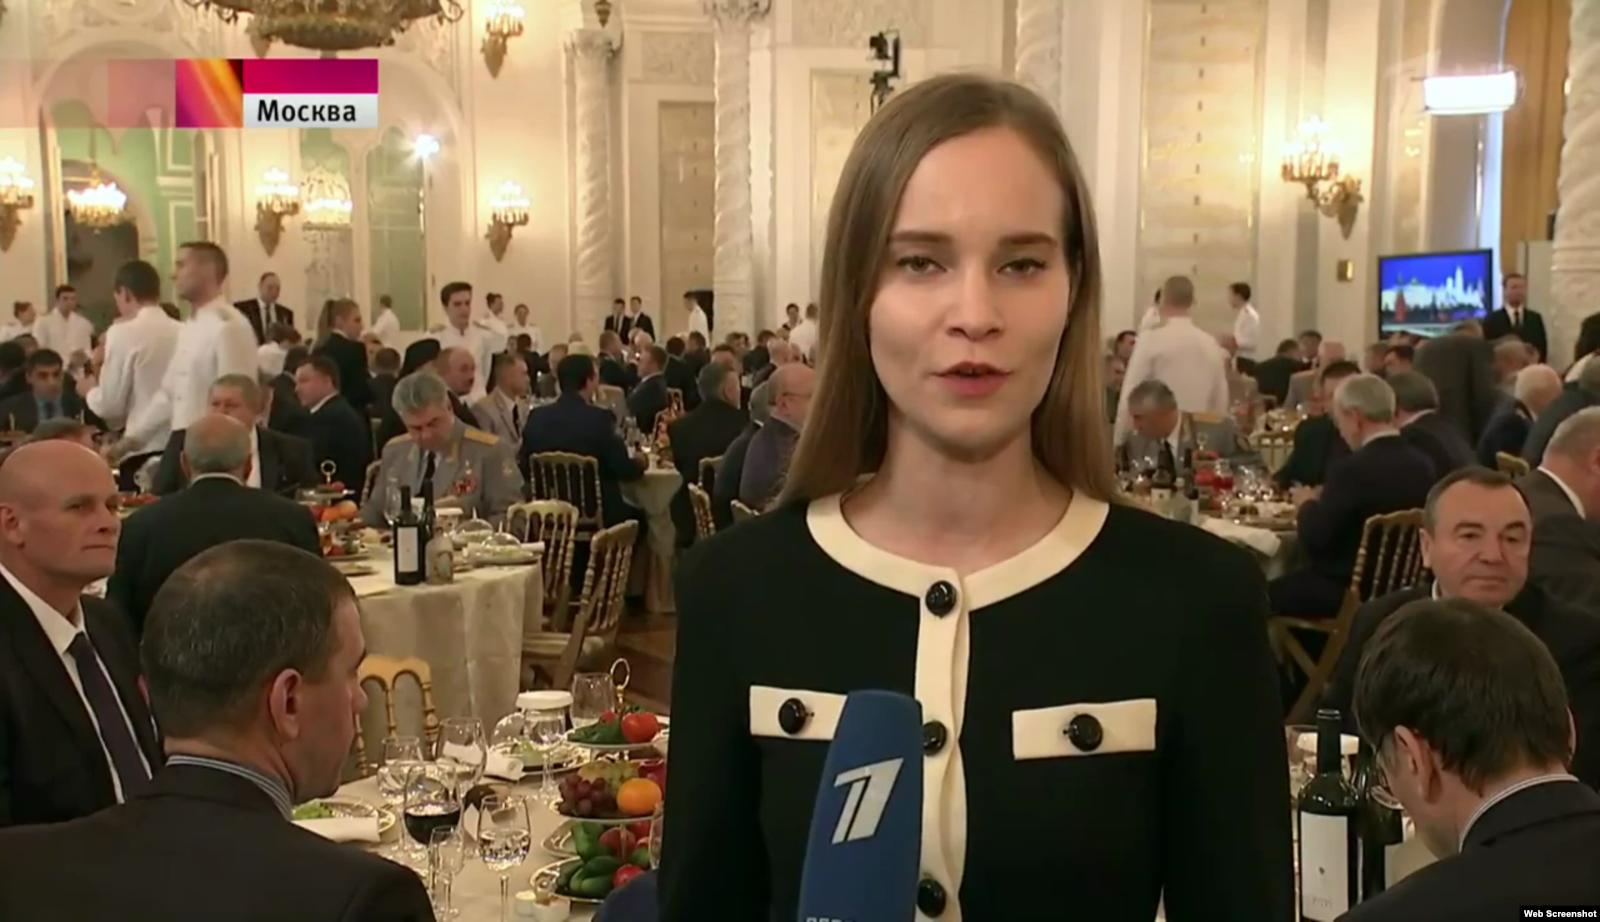 Дмитрий Уткин, известный как Вагнер, на приеме в Кремле (в левом углу кадра)